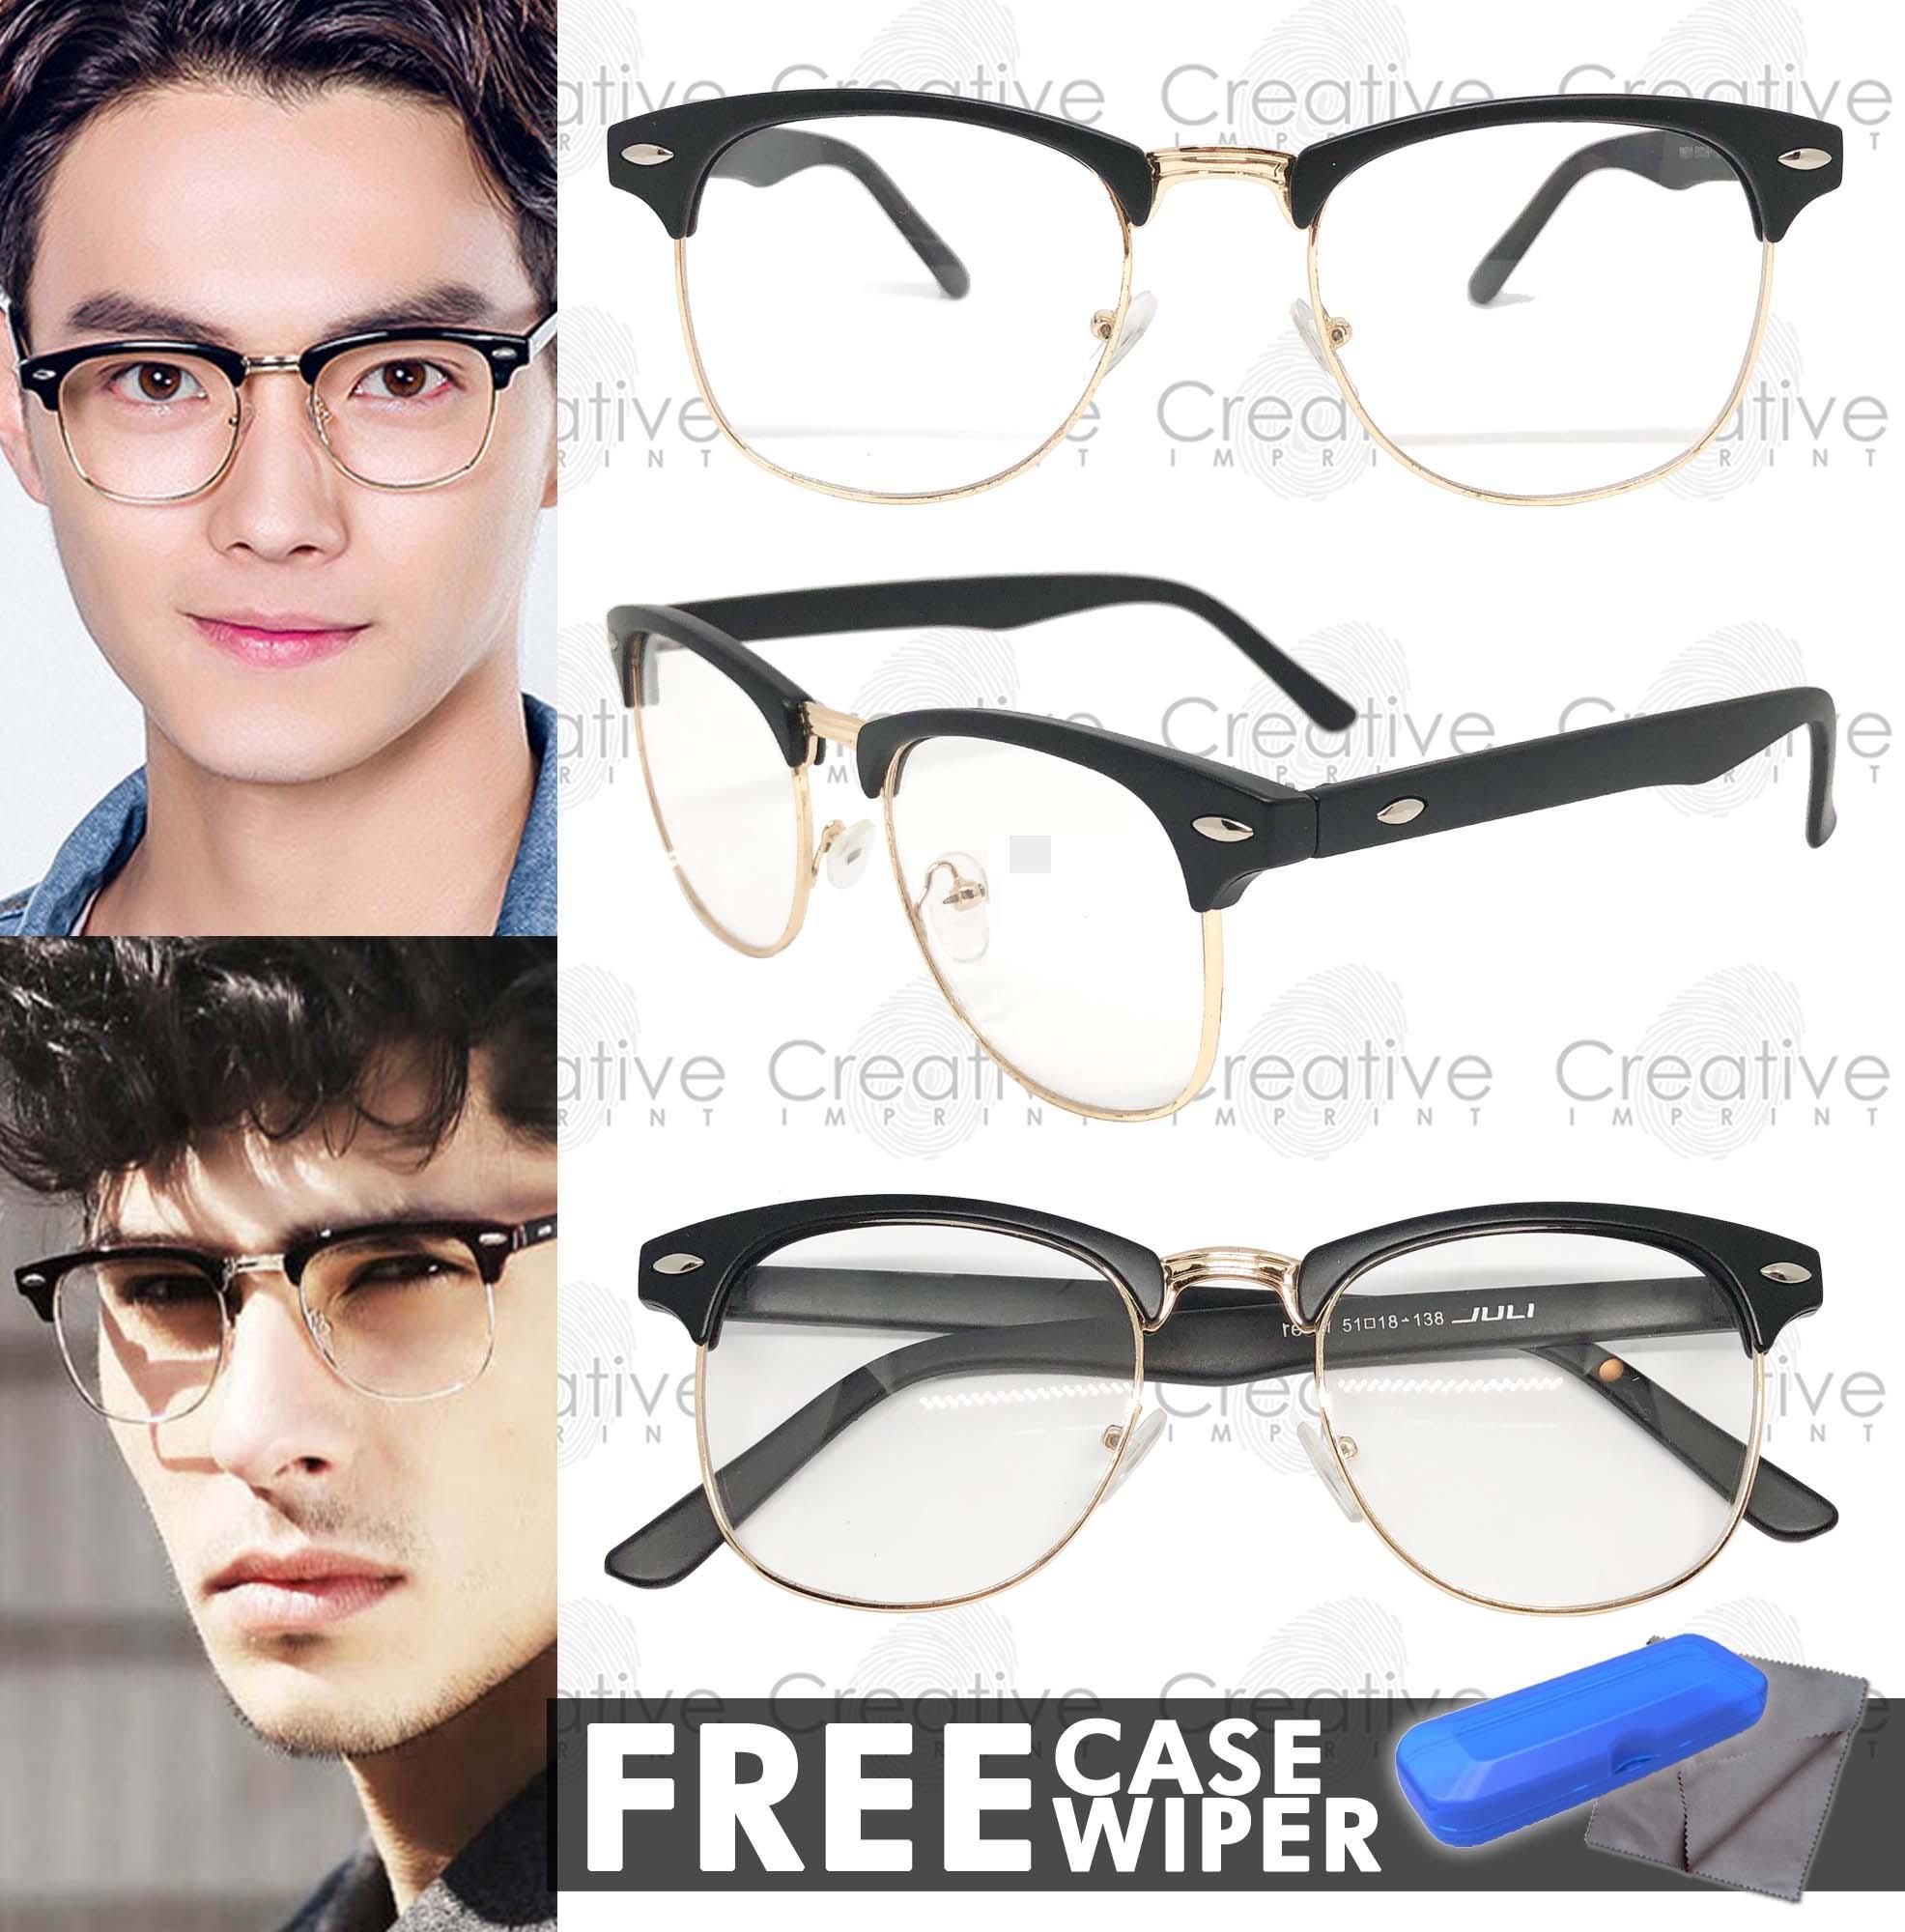 51add8a342 Mens Prescription Glasses for sale - Prescription Glasses for Men online  brands